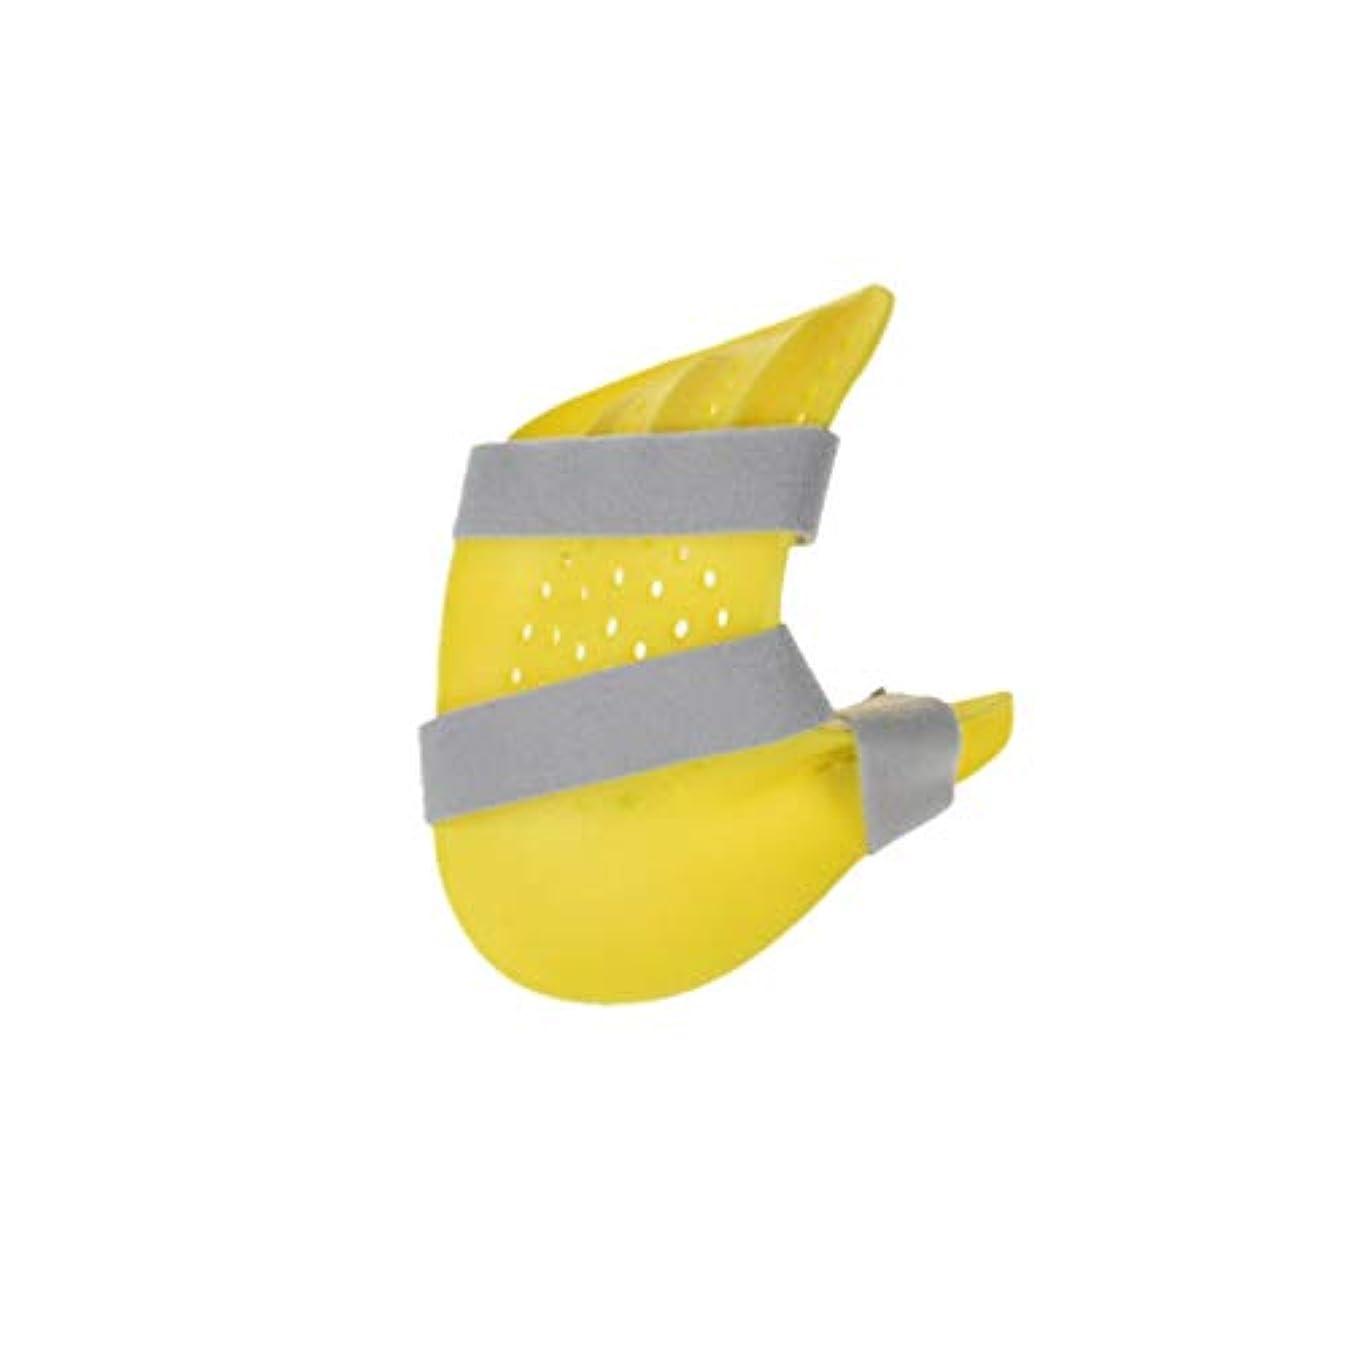 全部避難論理的Healifty 指装具指板ストローク片麻痺指セパレーター装具ポイント脳卒中片麻痺のための副木外傷性脳損傷(左手、黄色)